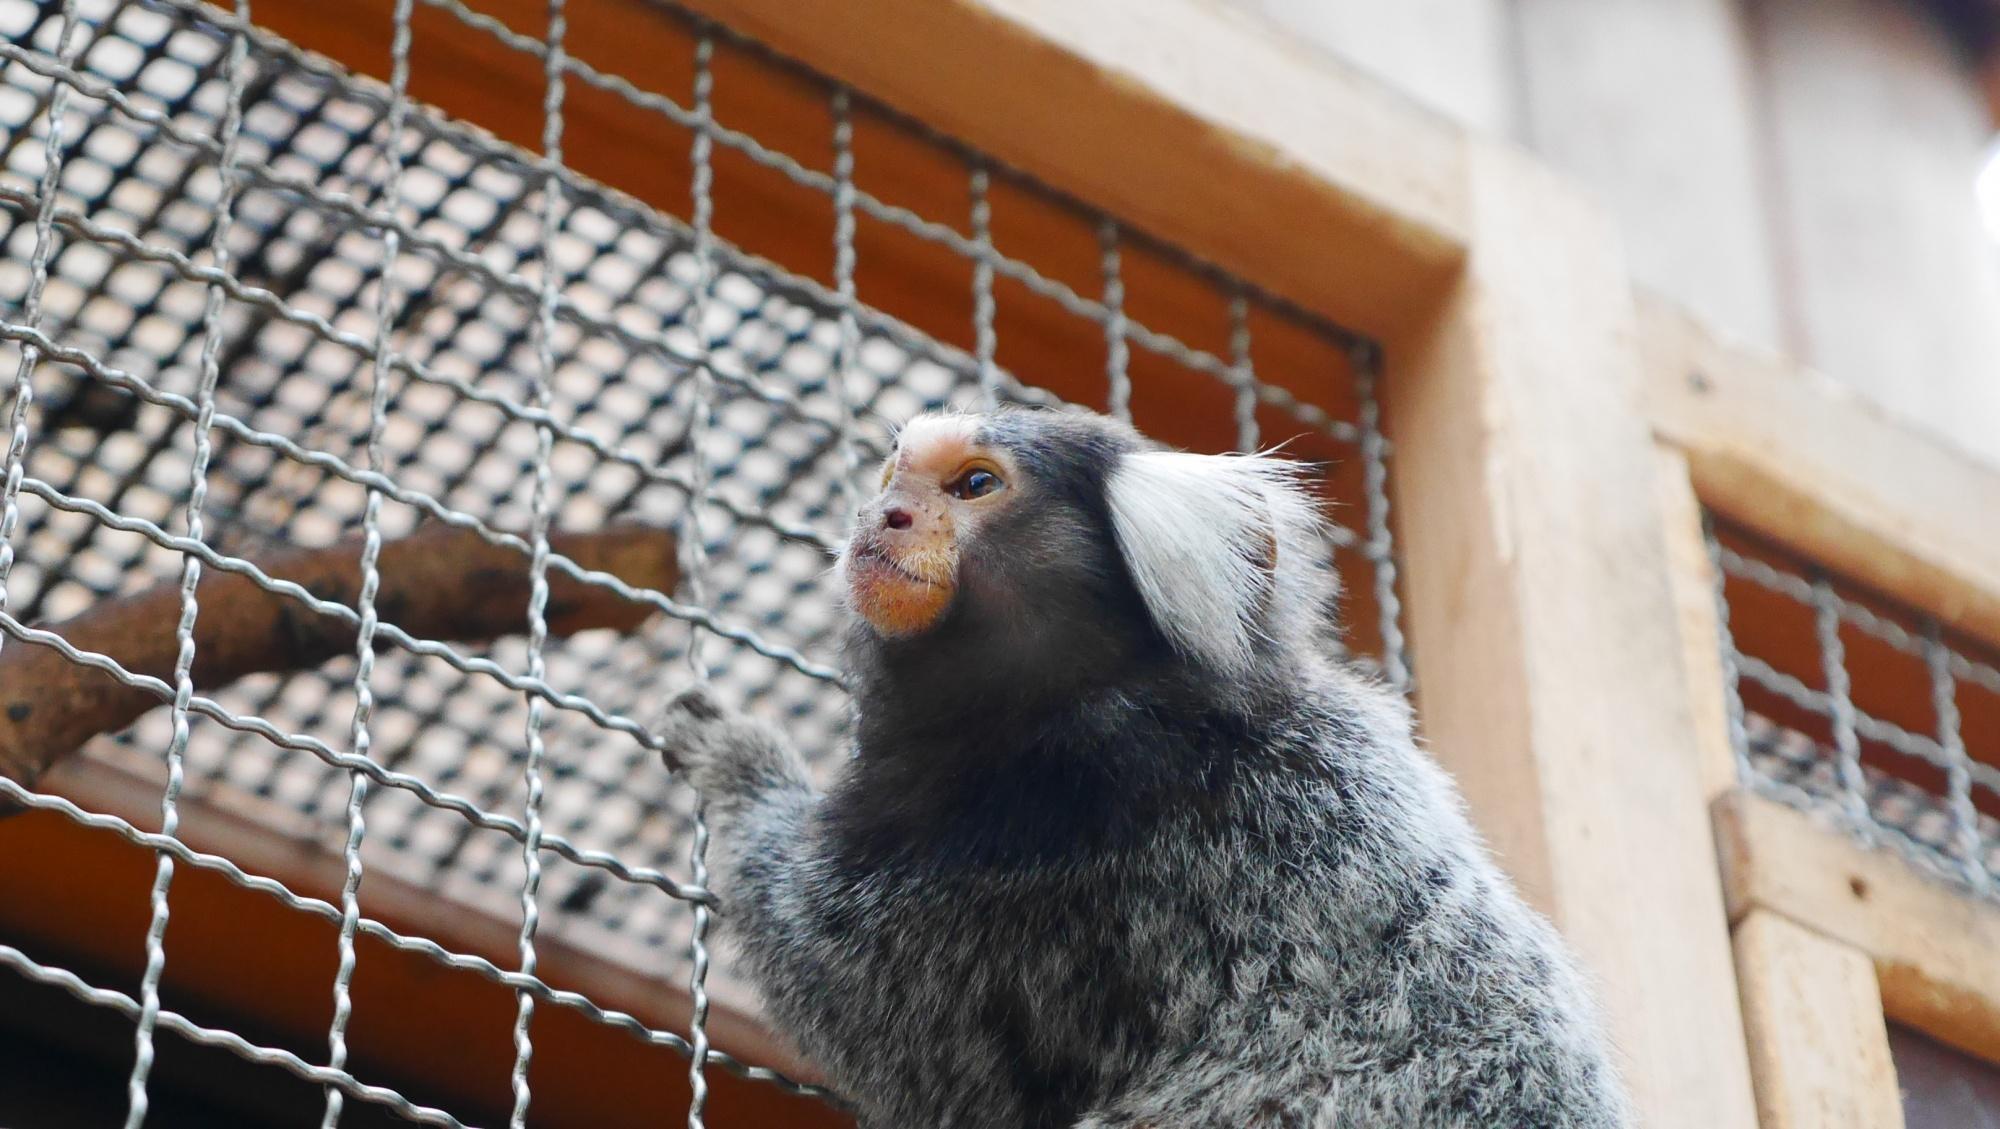 コモンマーモセット(Common marmoset)